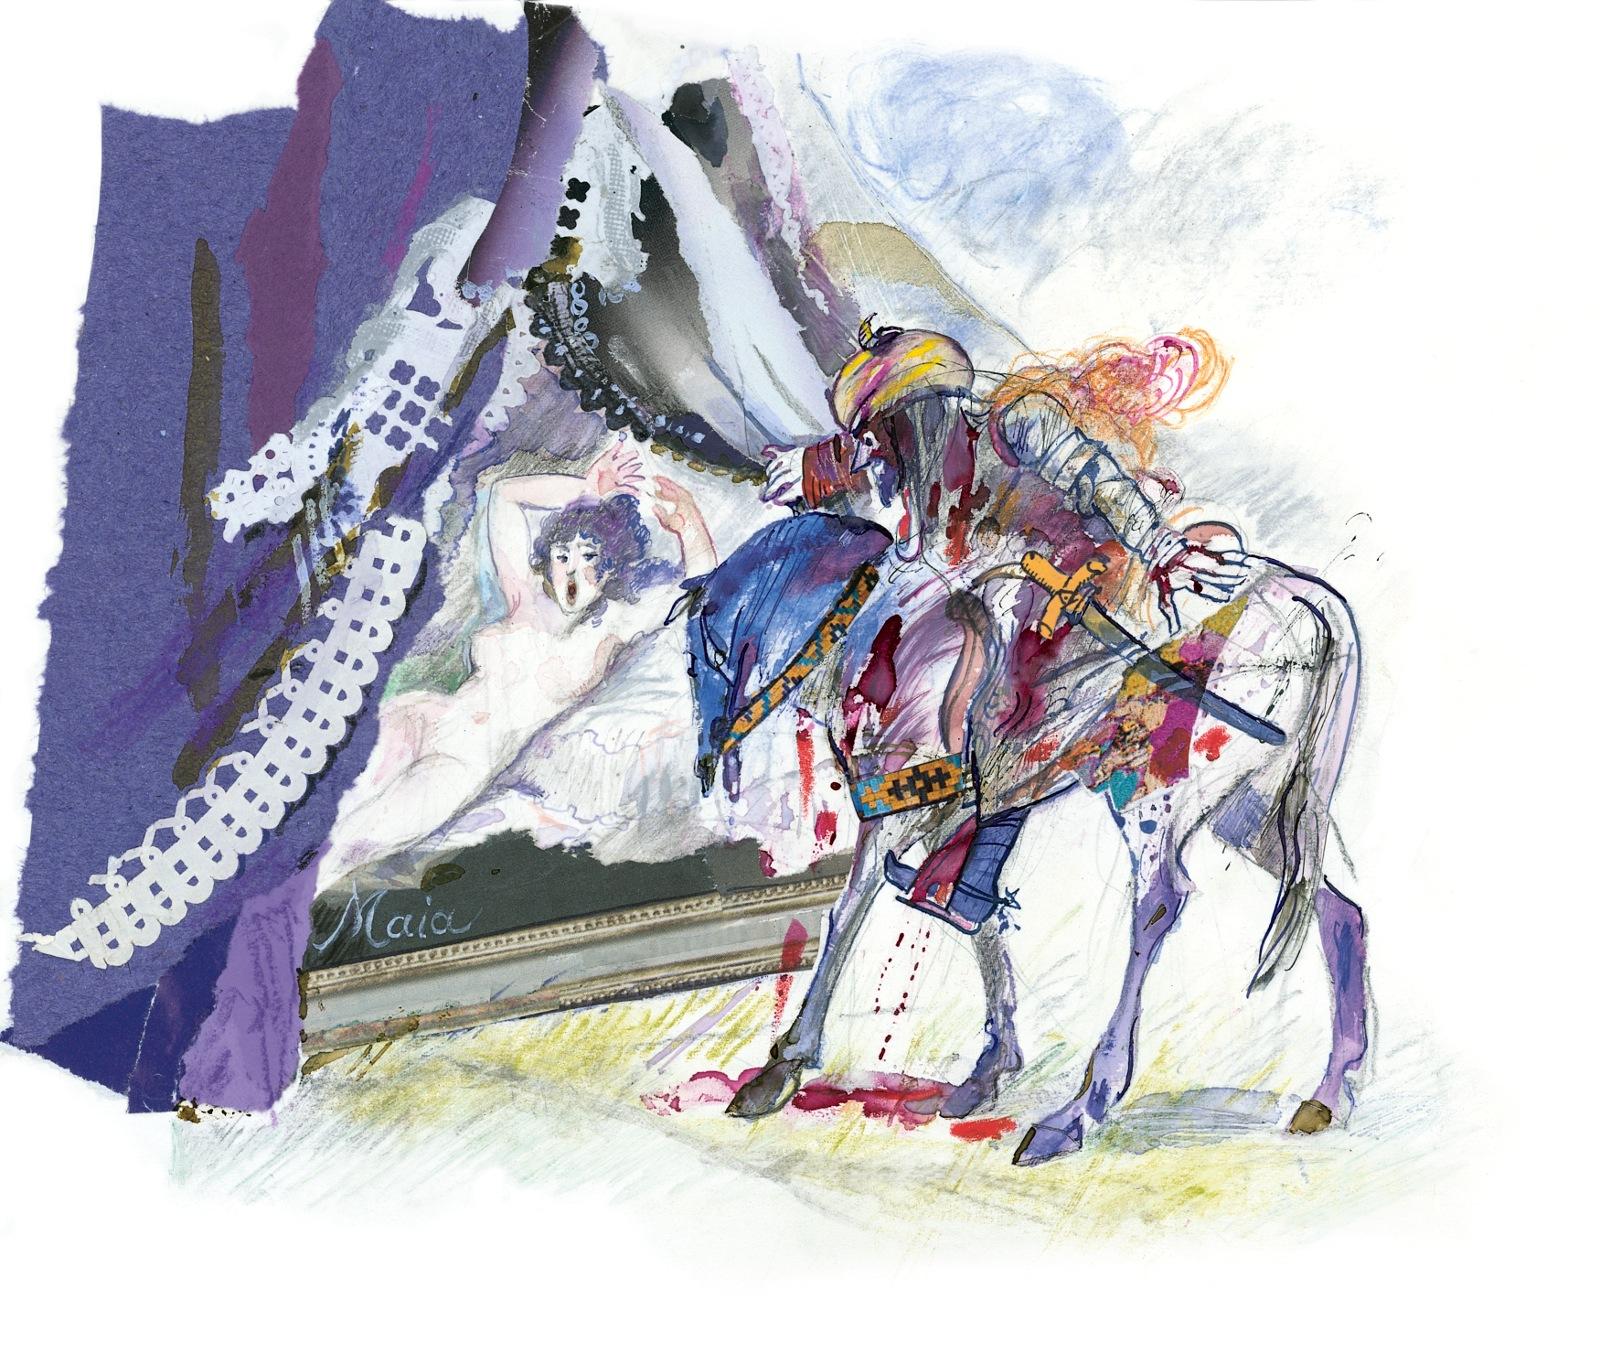 Grazia Nidasio, illustrazione per Orlando Furioso di Ludovico Ariosto, raccontato da Italo Calvino. © 2009 Arnoldo Mondadori Editore S.p.A., Milano, per le illustrazioni. Tutti i diritti riservati